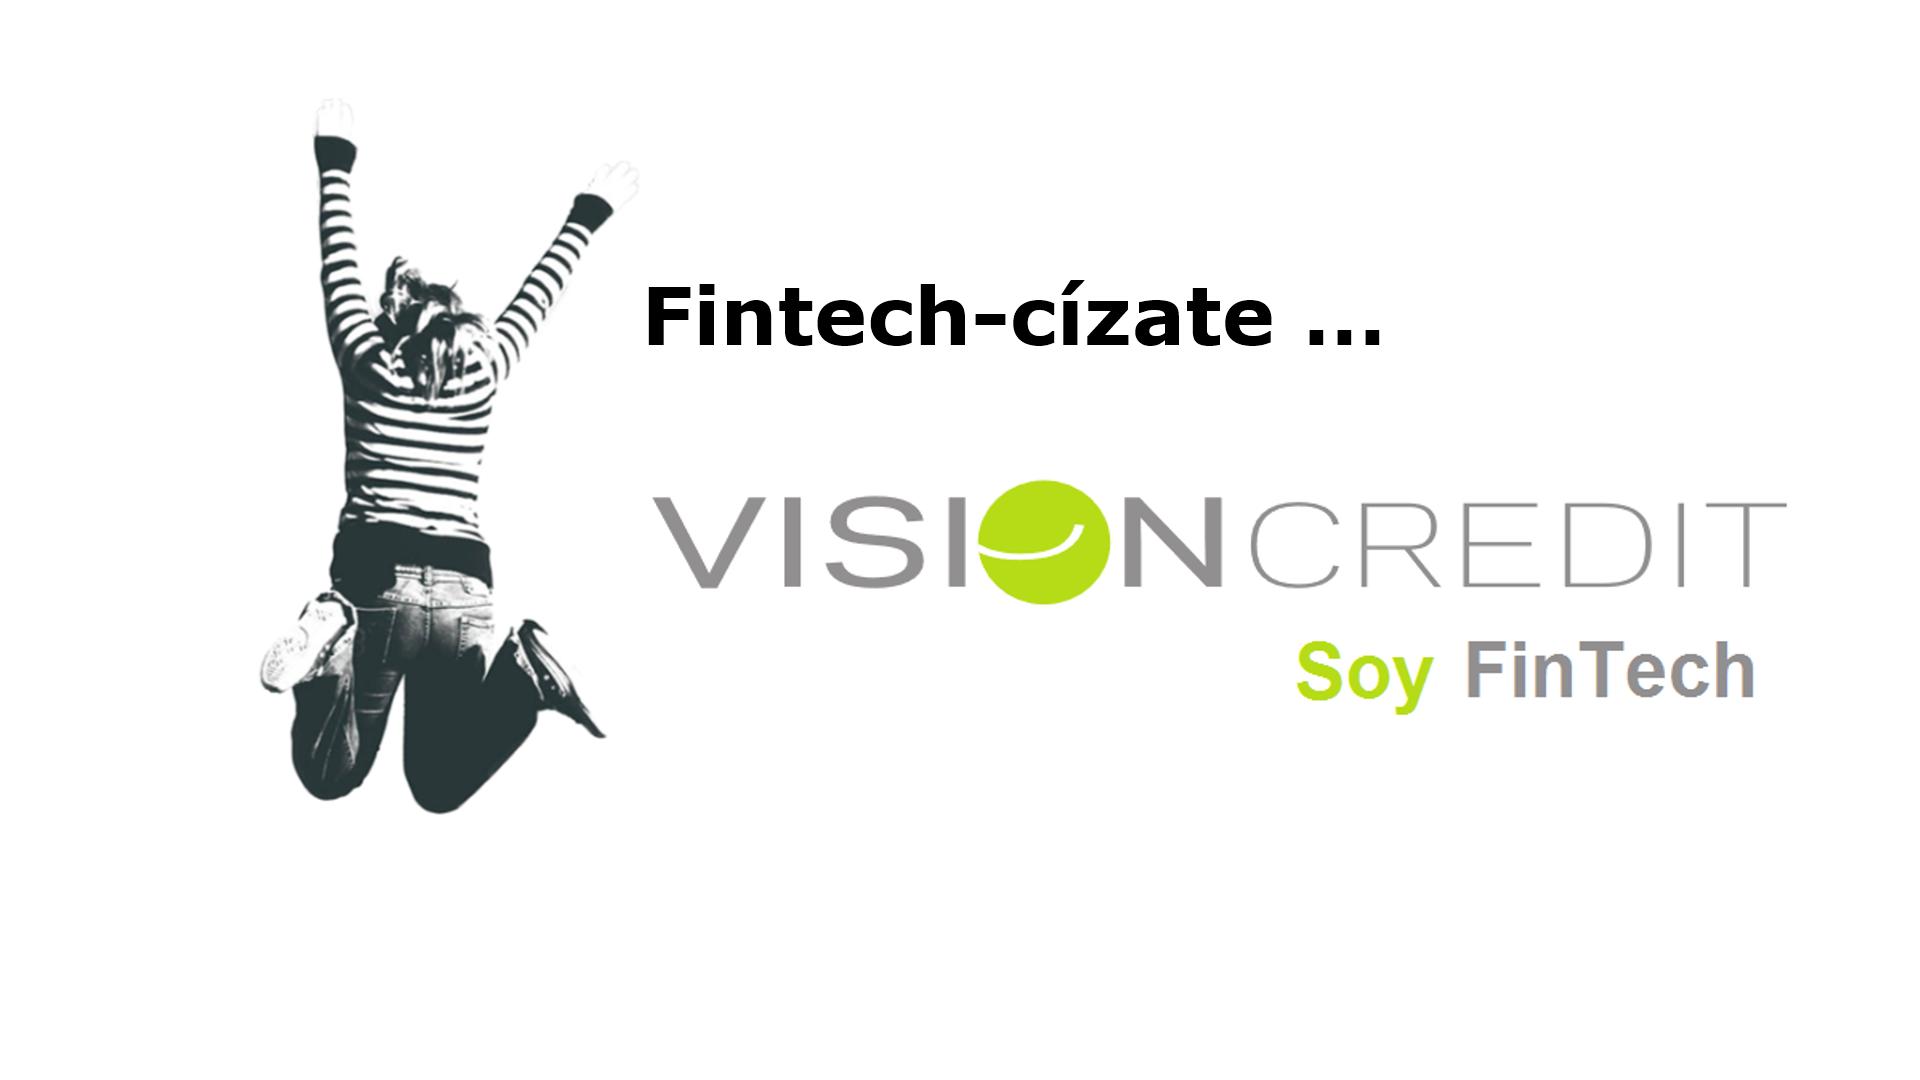 Fintech_cízate